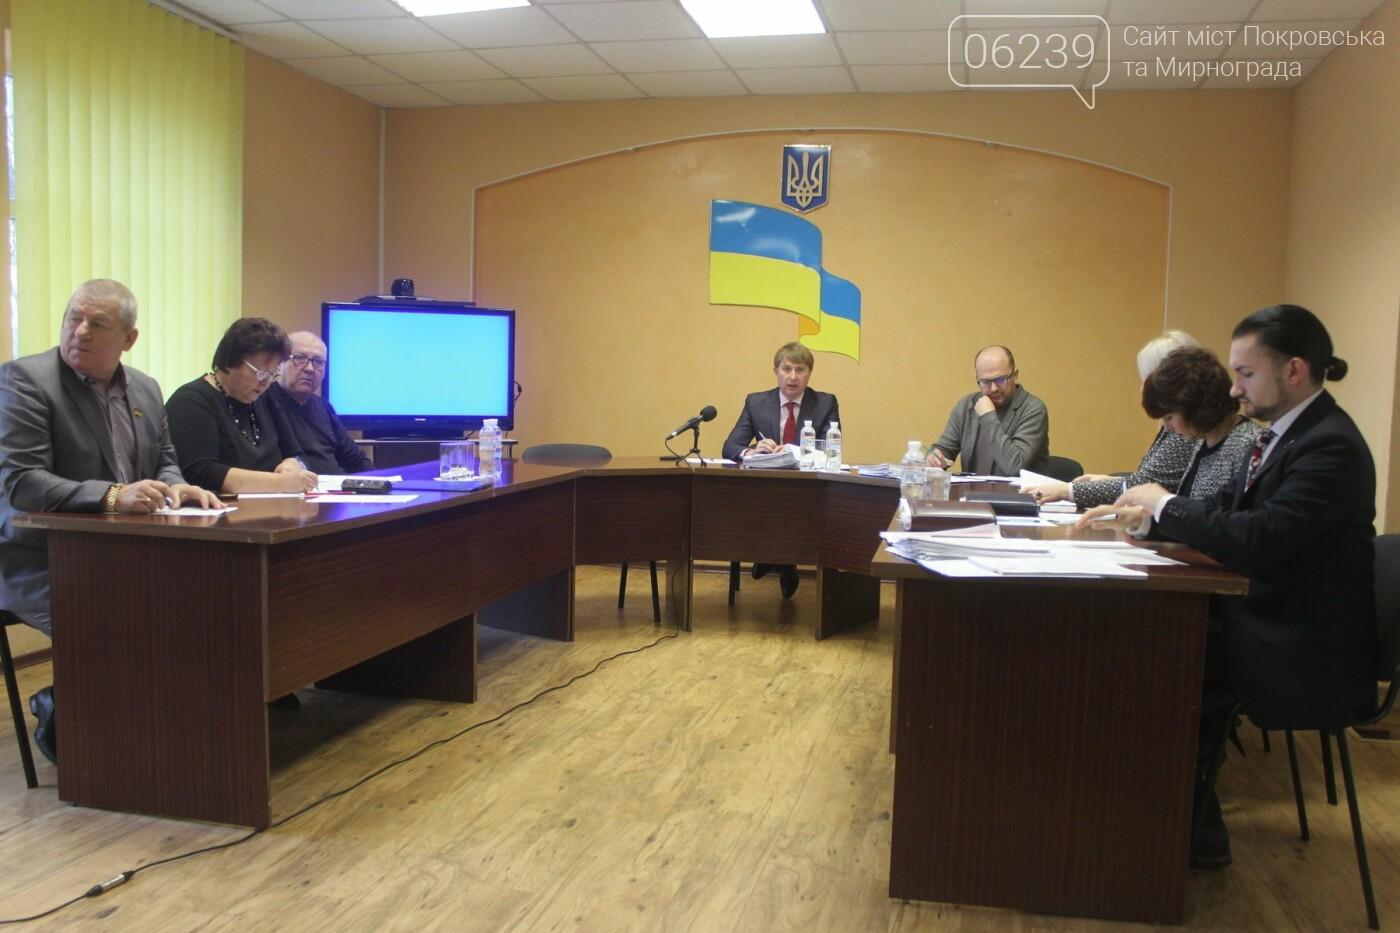 Бюджет на 2019-й год и реконструкция парка: в Мирнограде состоялась 54-я сессия городского совета, фото-6